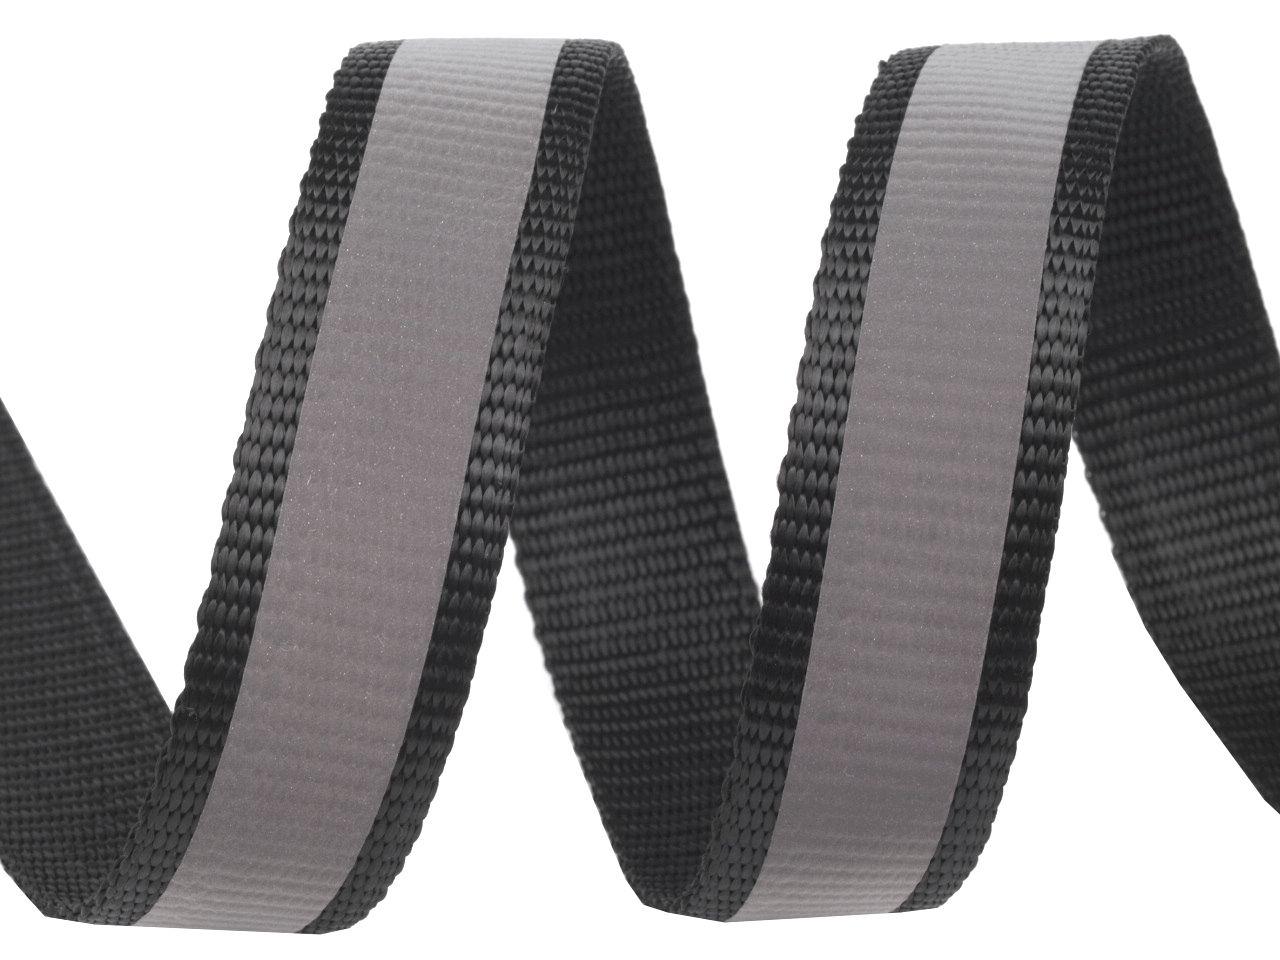 4 meter schwarzes gurtband reflektionsband 2 5 cm 25 mm breit kaufen im shop bei. Black Bedroom Furniture Sets. Home Design Ideas